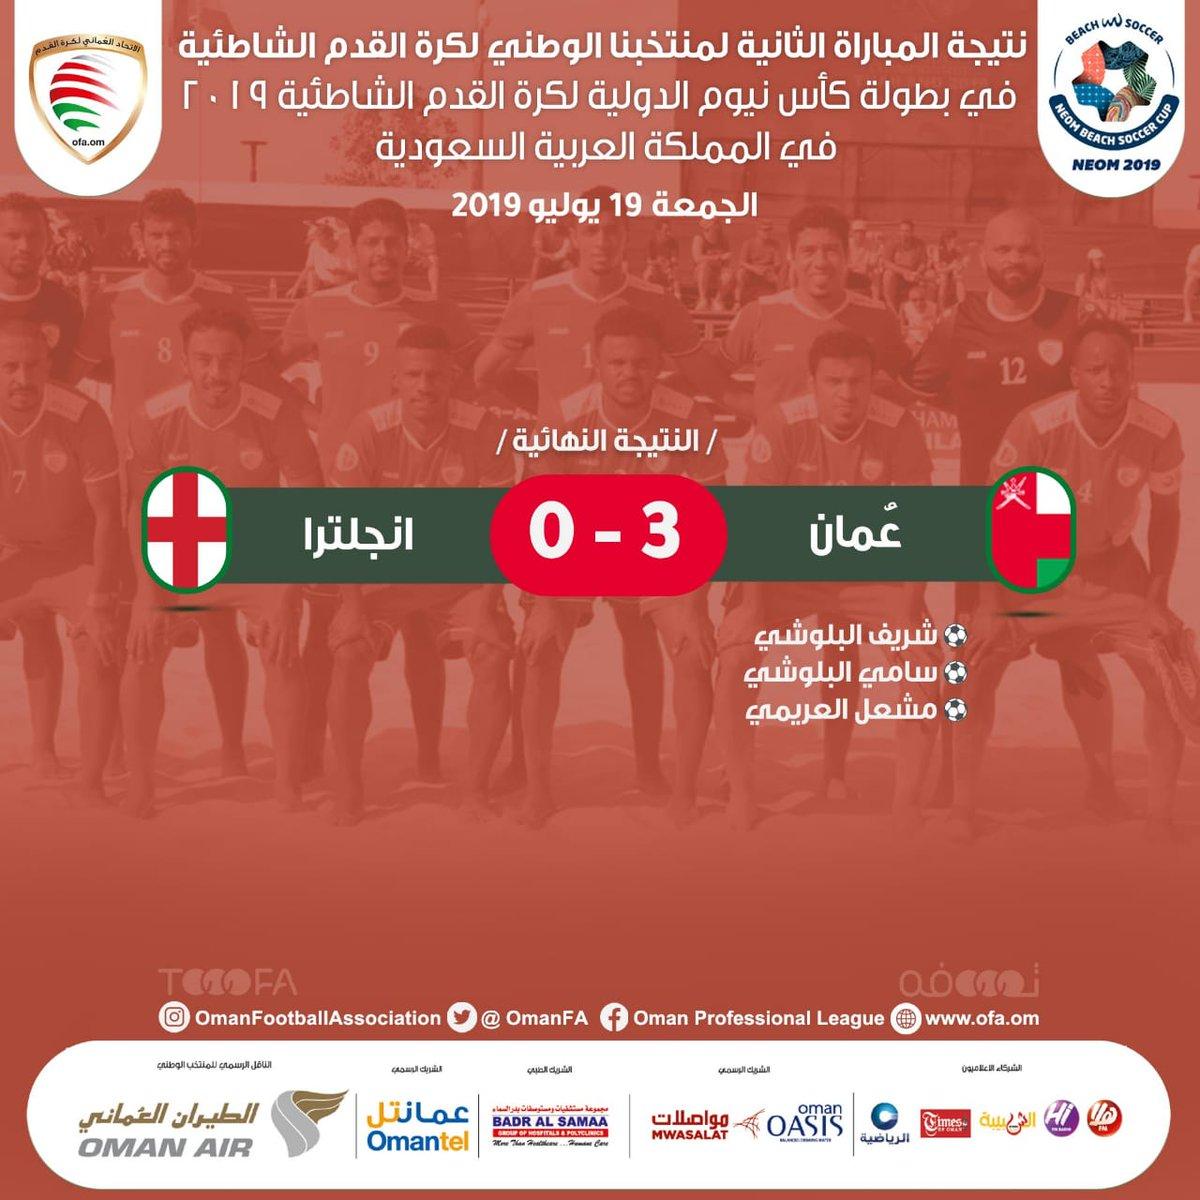 أحمر الشواطئ يواصل تألقه في كأس #نيوم الدولية، ويتأهل للمباراة النهائية بعد تفوقه على #إنجلترا بنتيجة 3-0